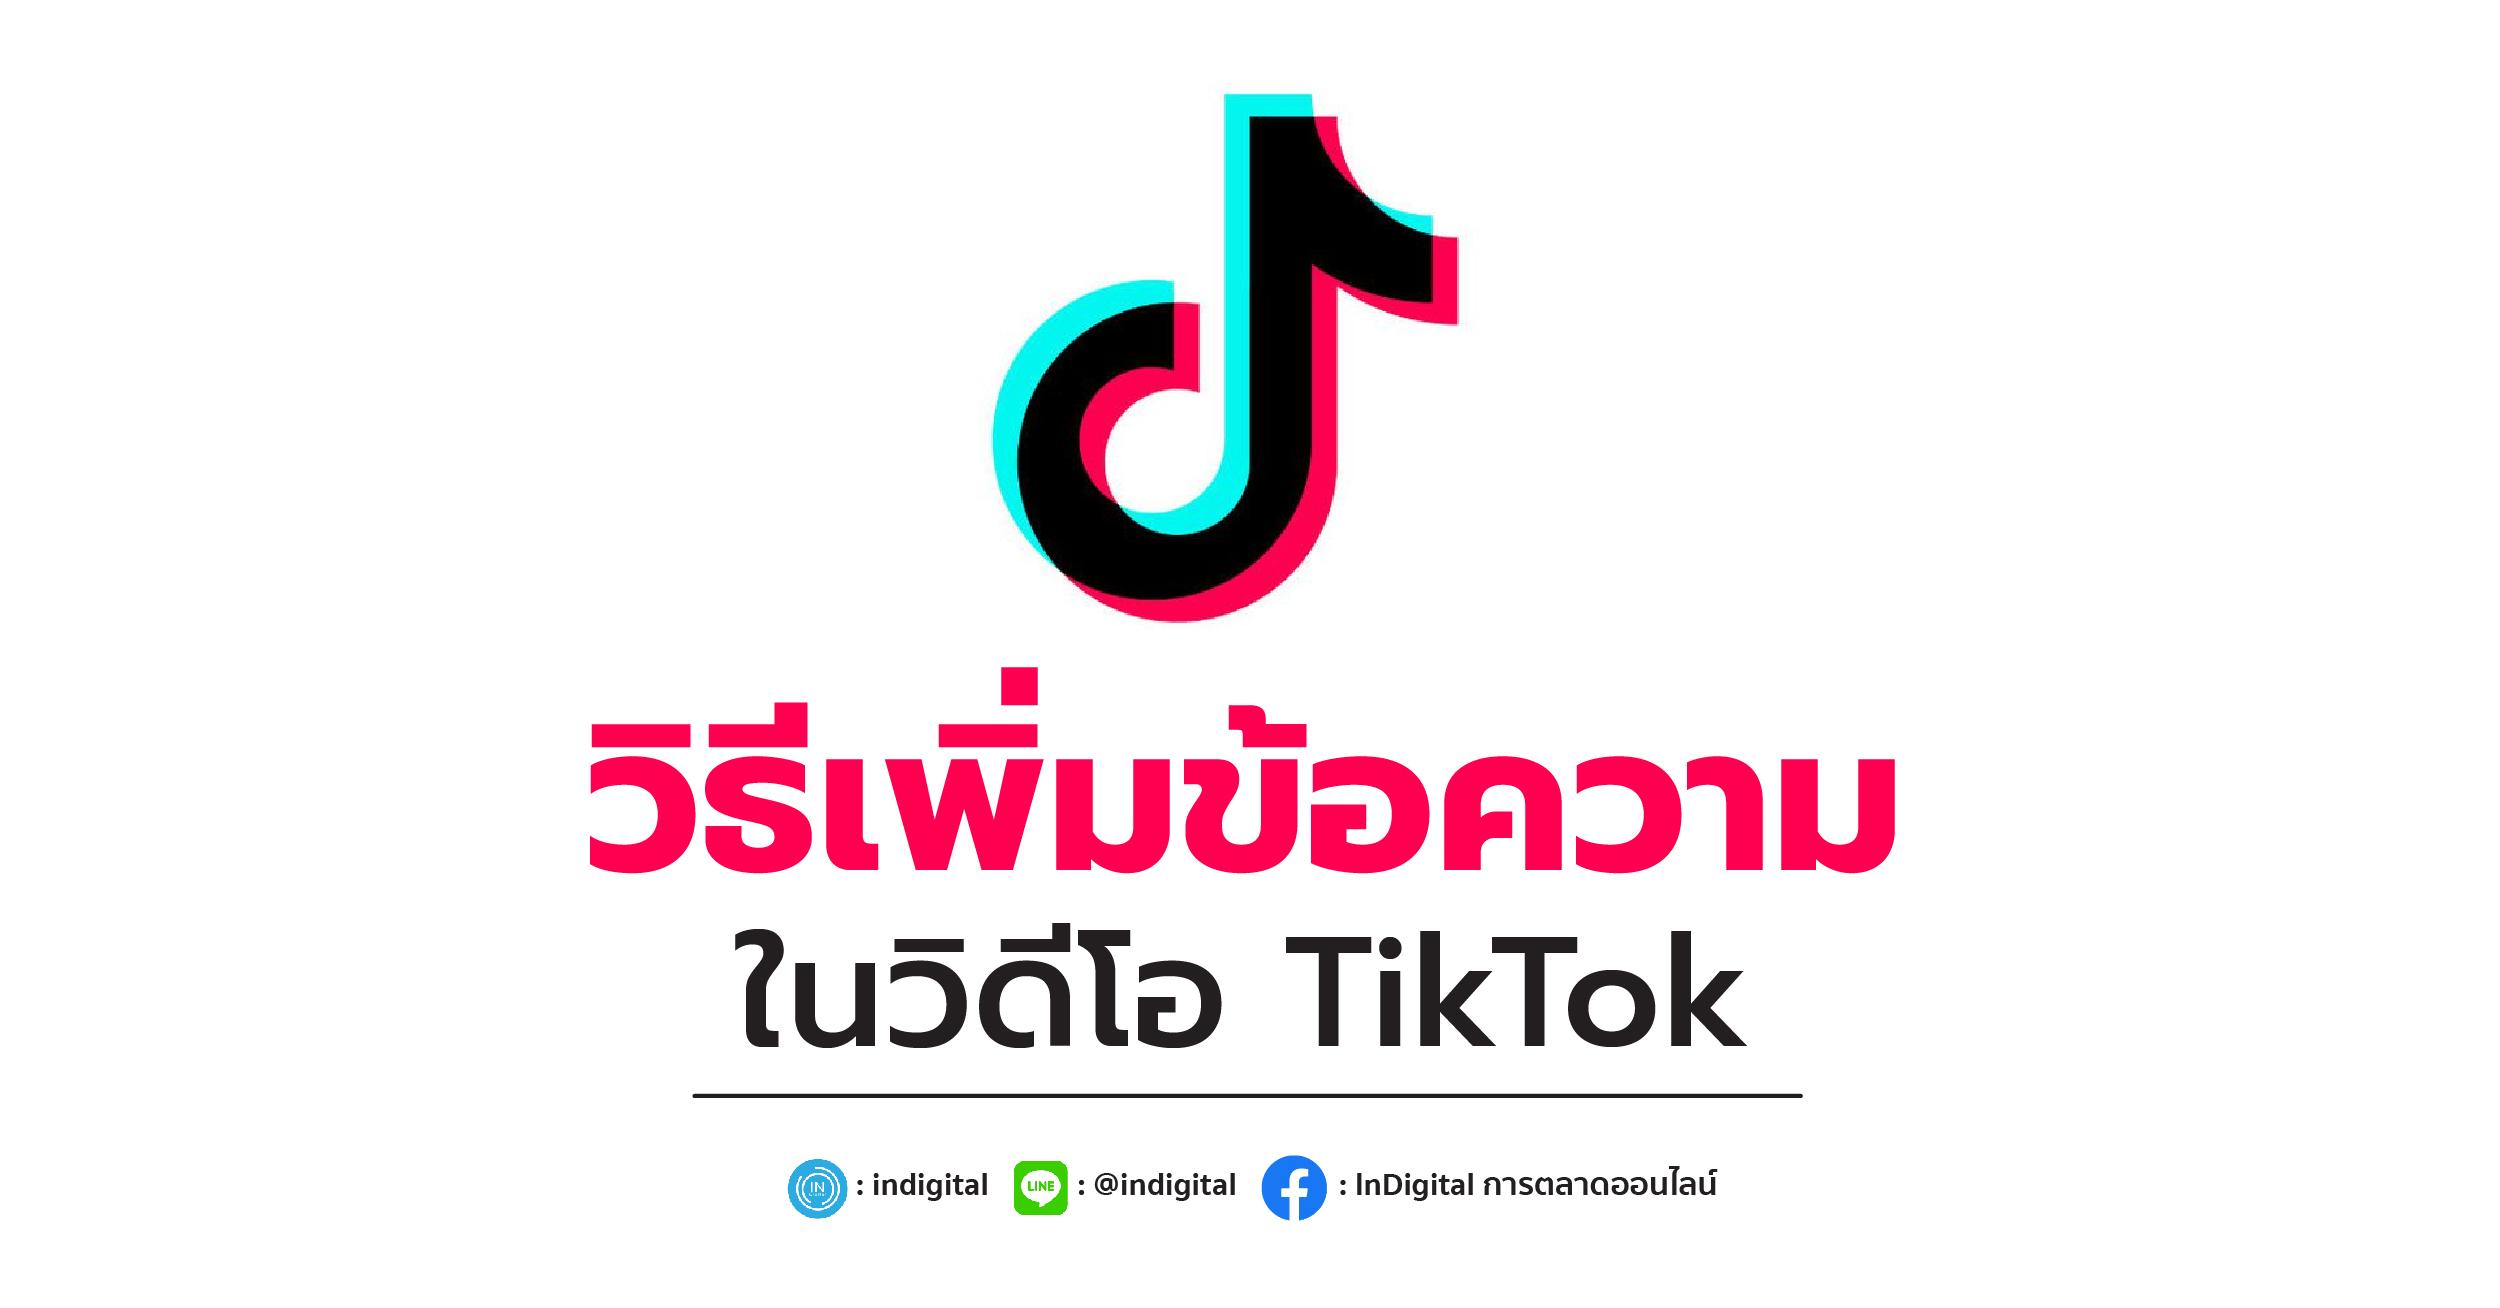 วิธีเพิ่มข้อความในวิดีโอ TikTok